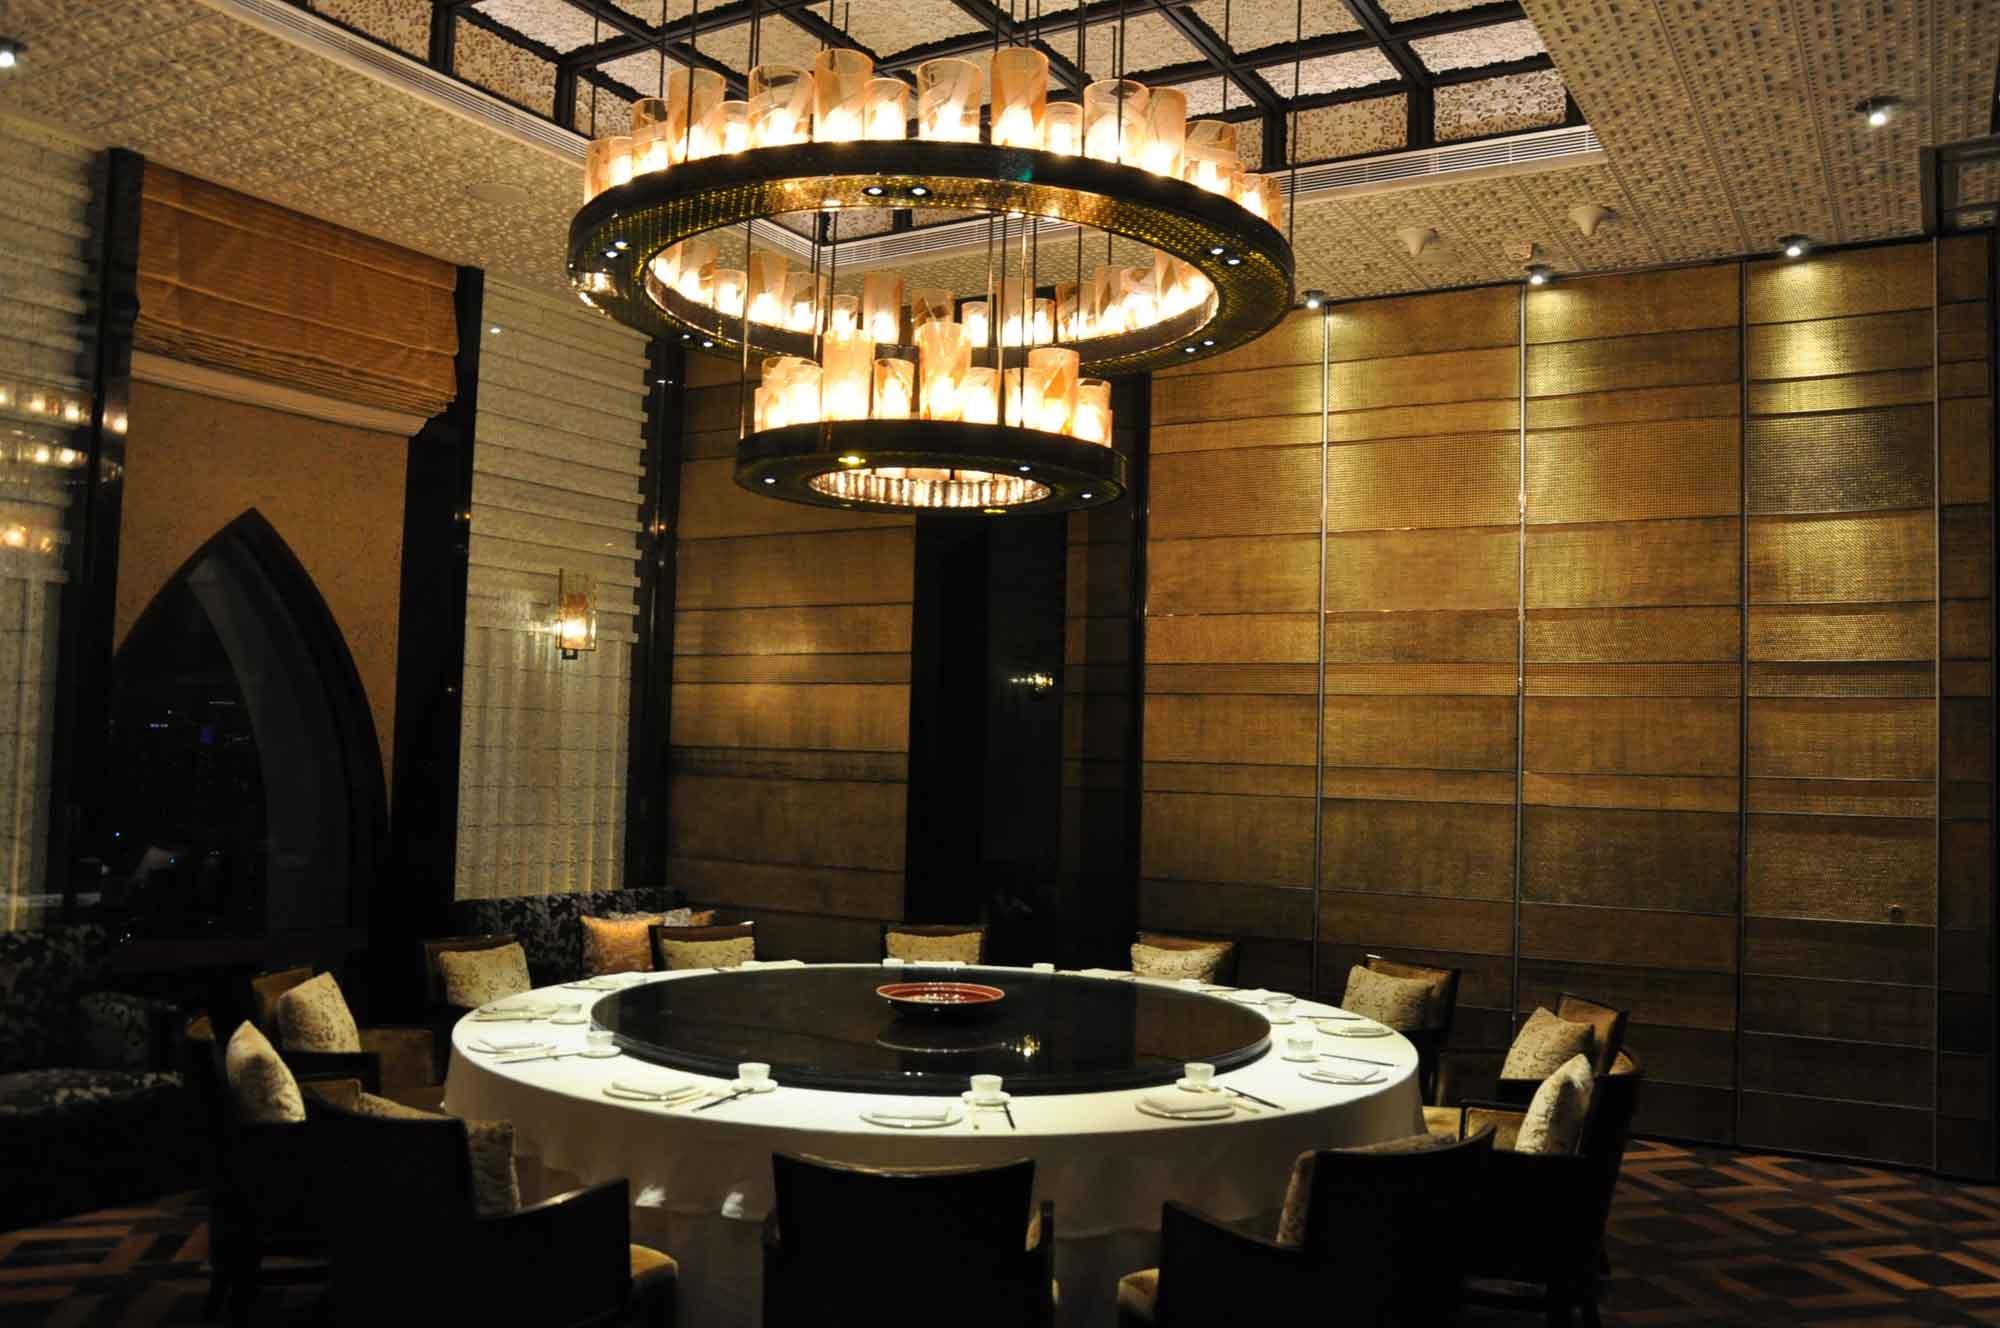 Lai Heen Macau private room